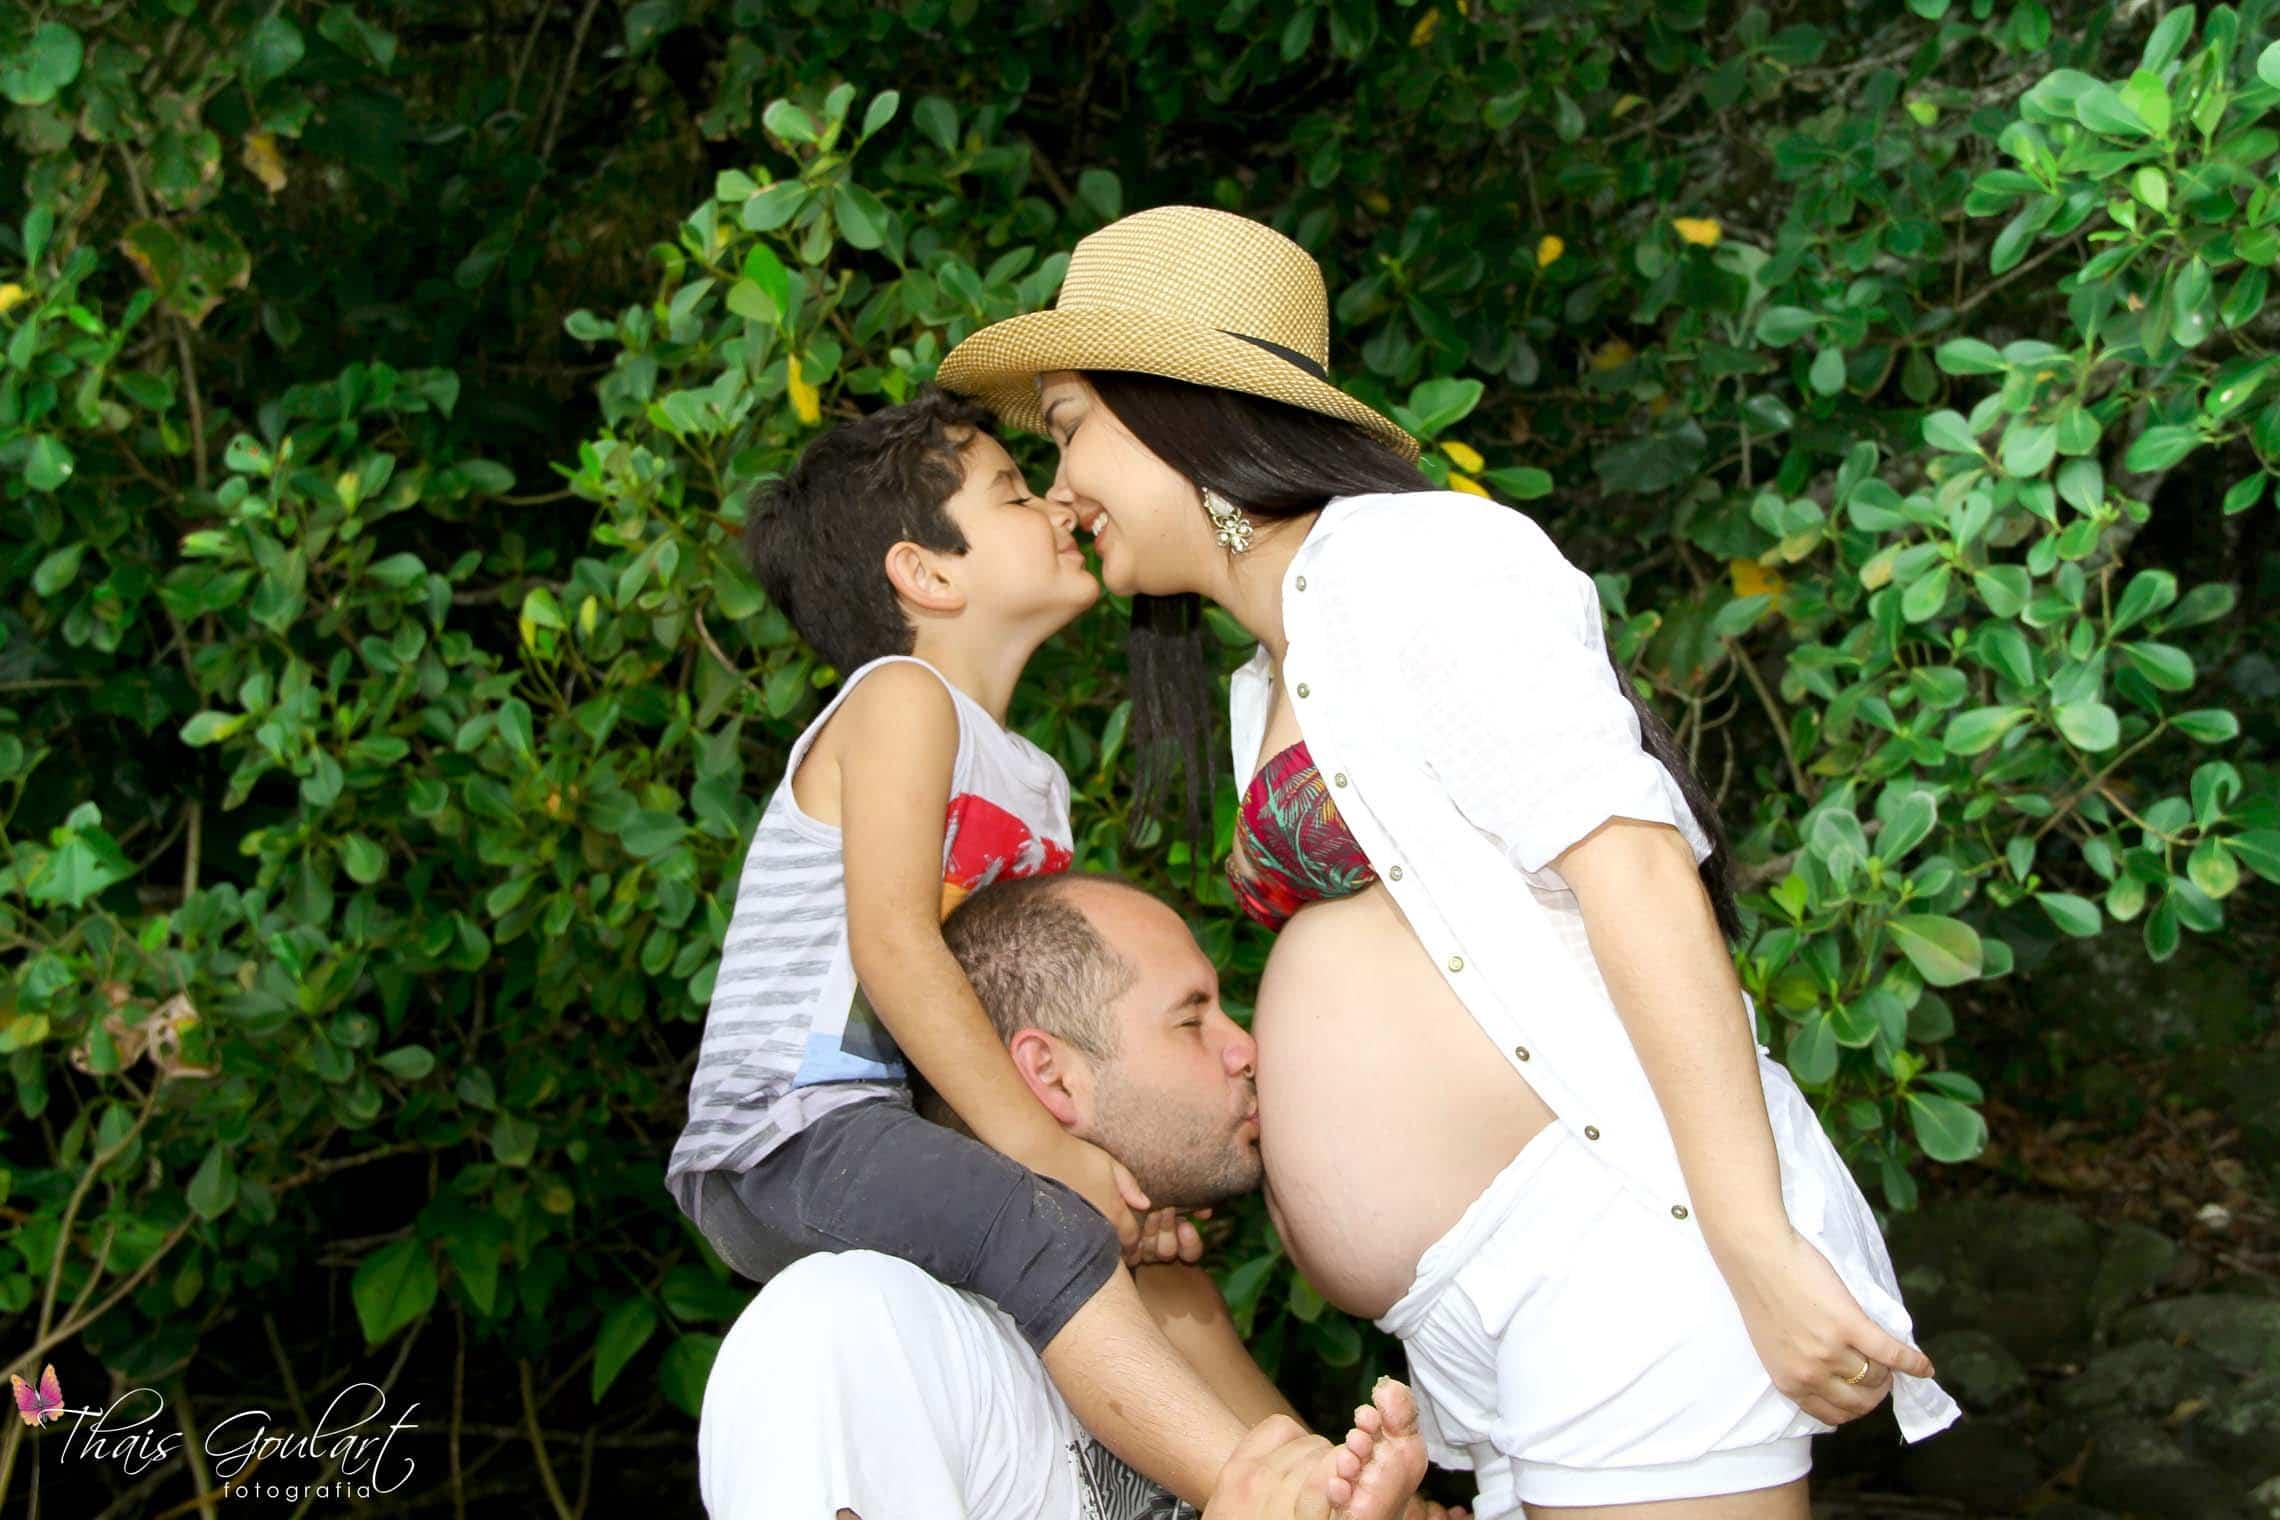 Junte a família. Foto: Divulgação.